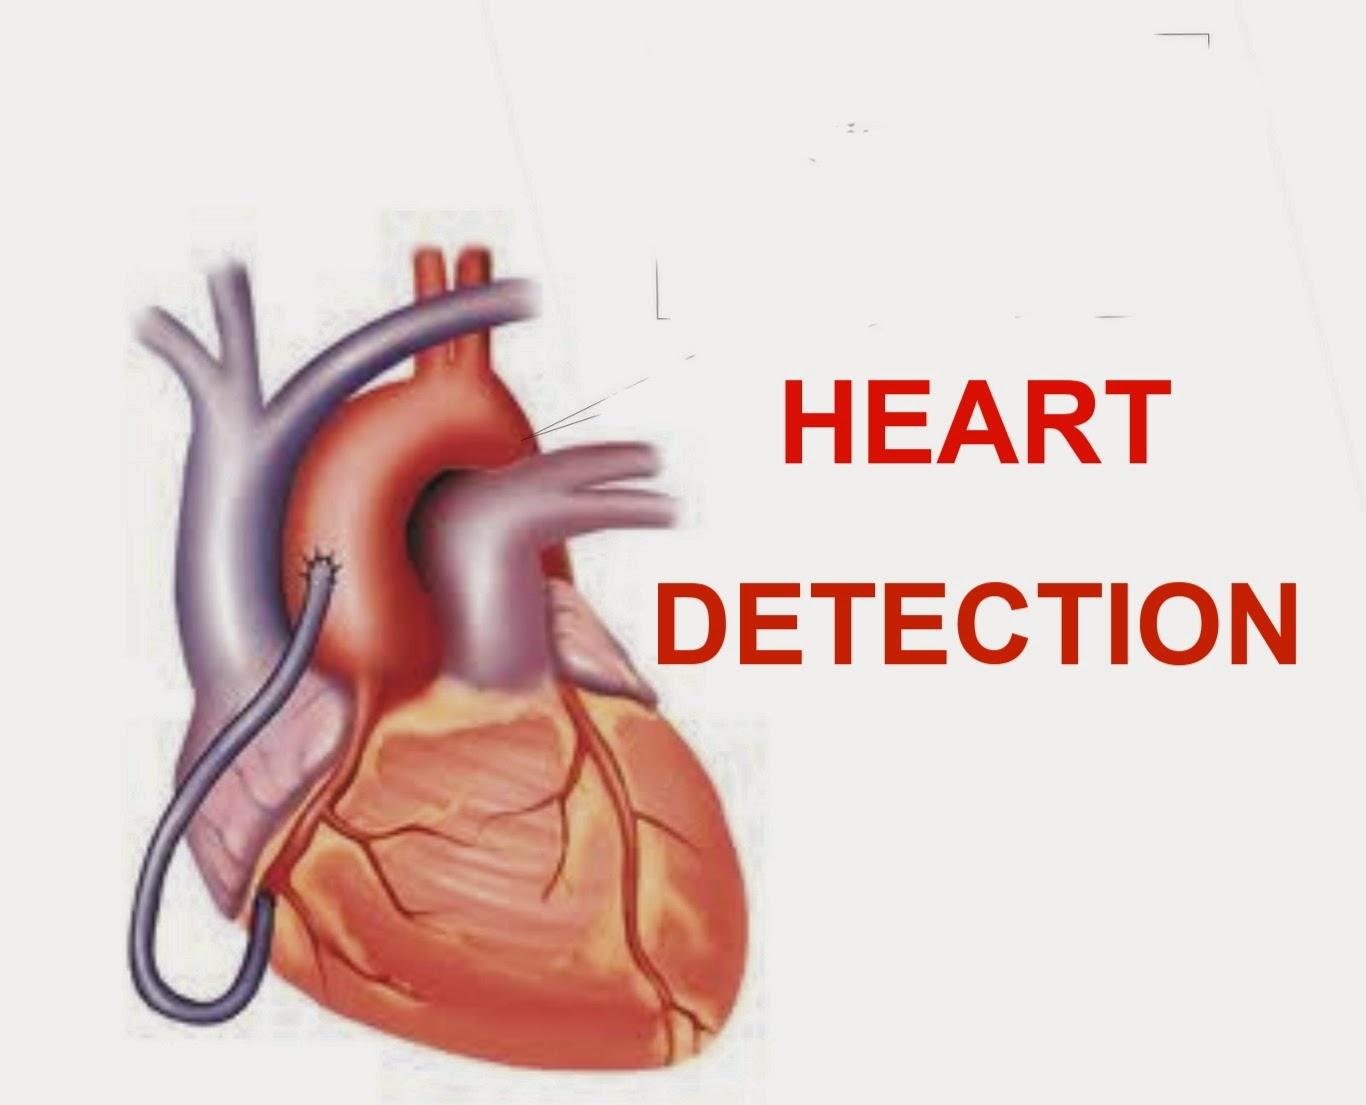 cara cepat mendeteksi penyakit jantung